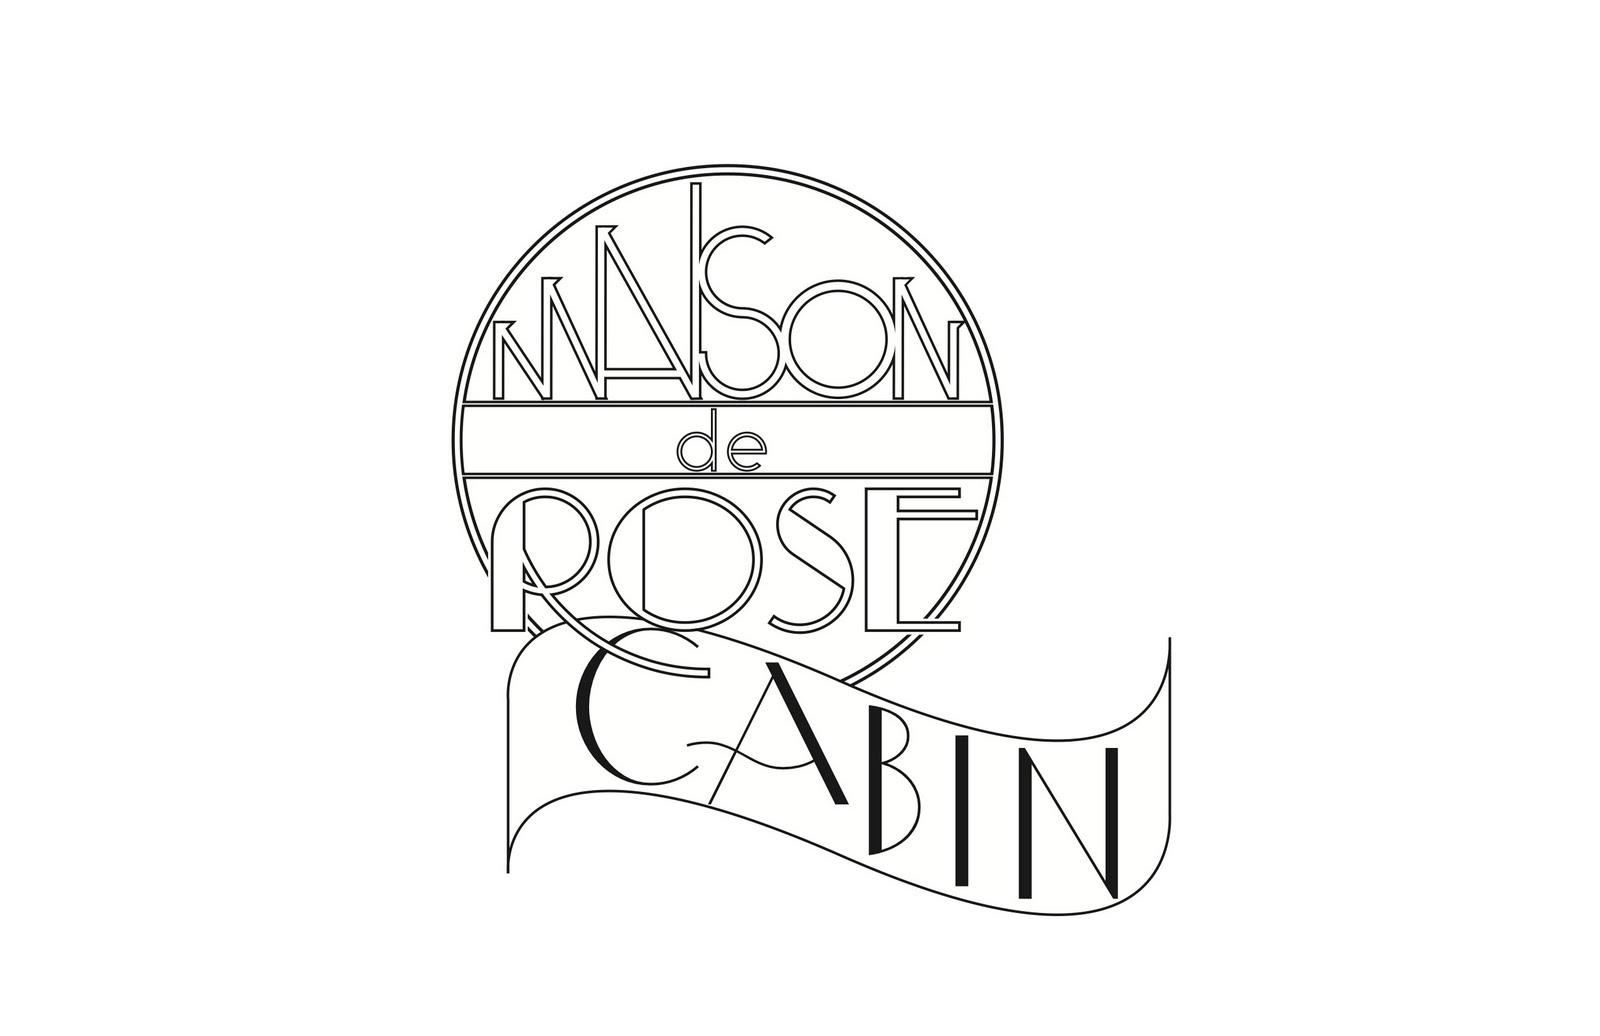 Maison de Rose Cabin